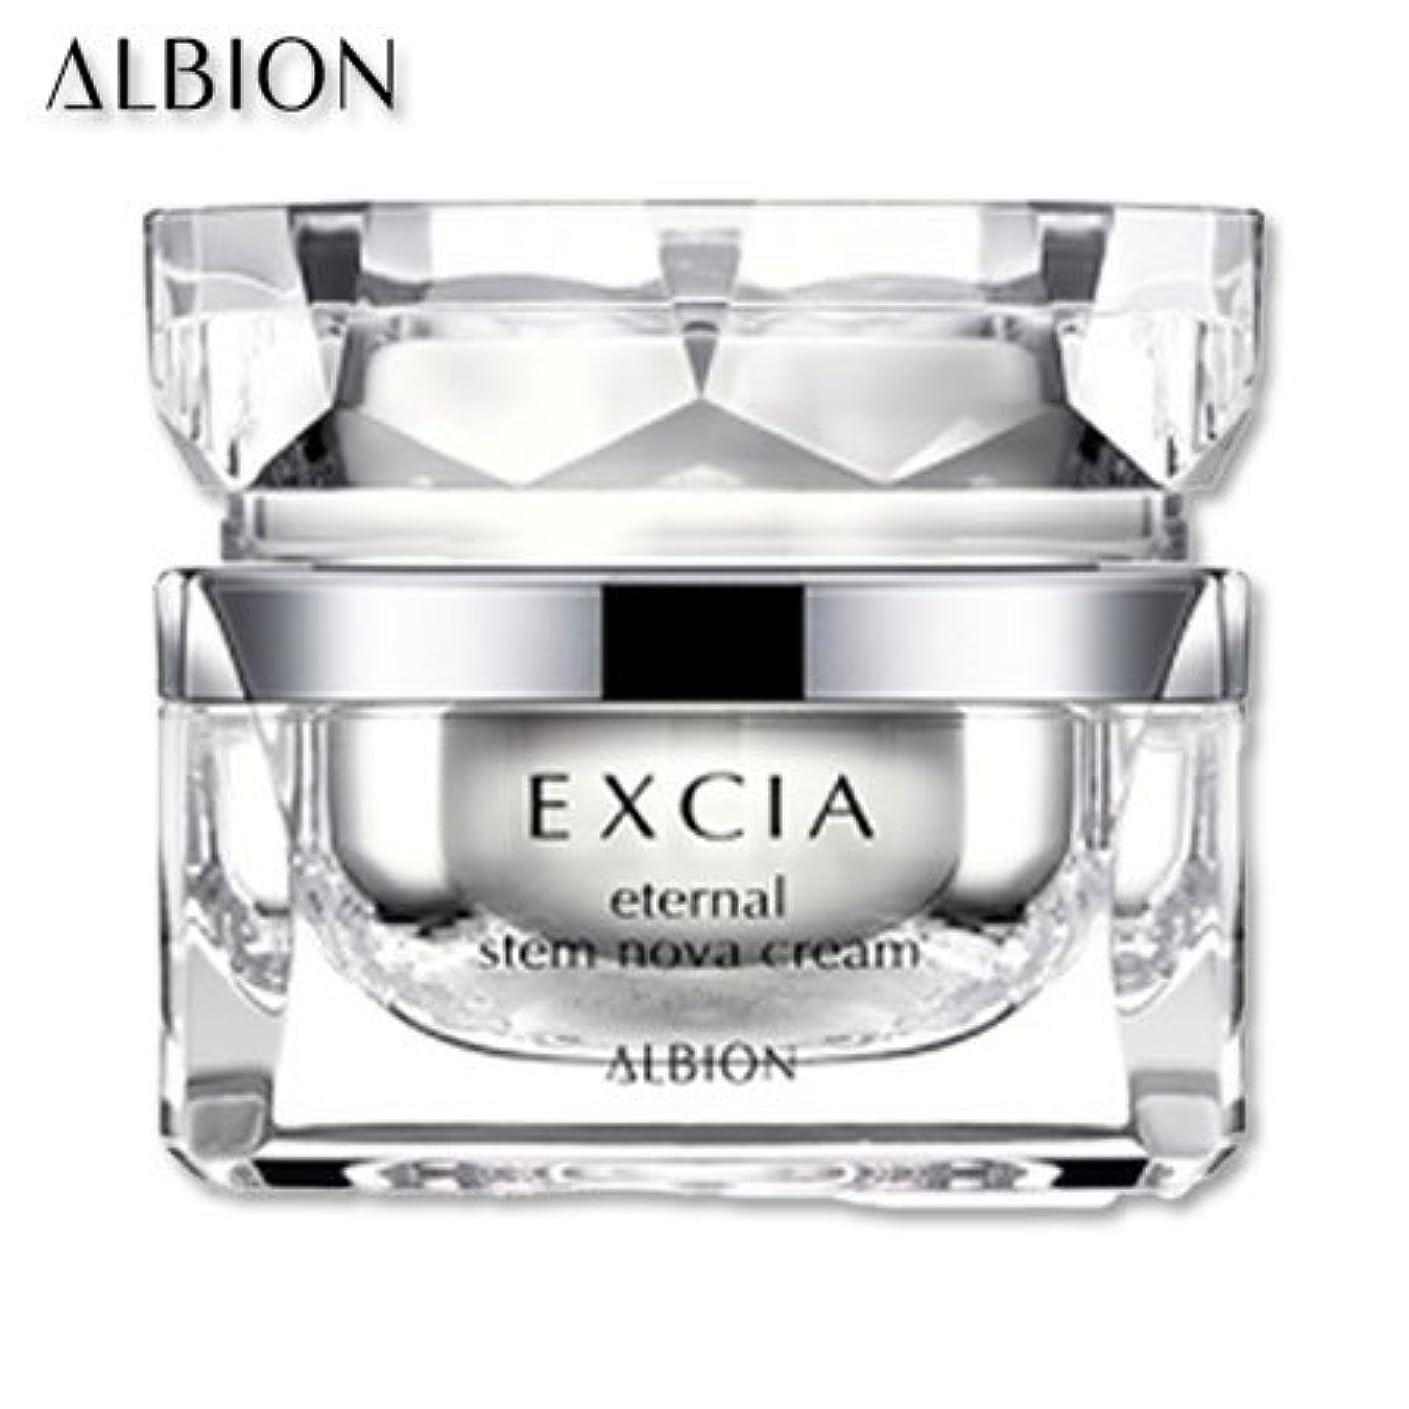 フルーツ野菜家味アルビオン エクシア AL エターナル ステム ノーヴァ クリーム 30g-ALBION-